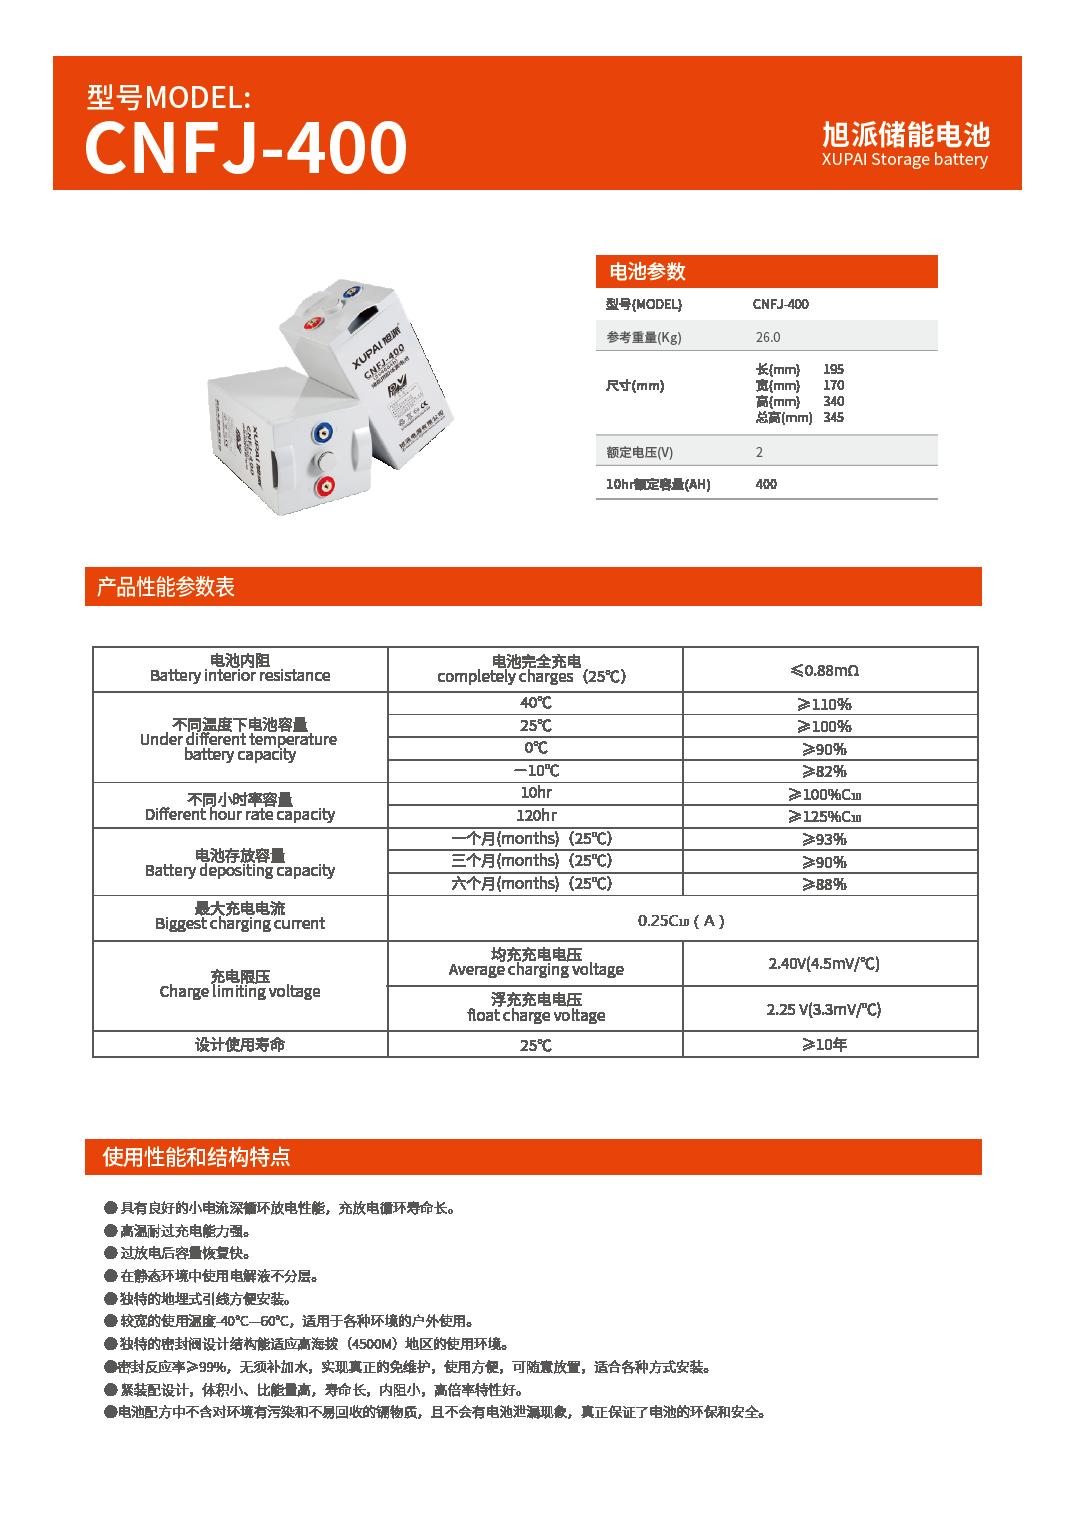 cnfj-400-01.png